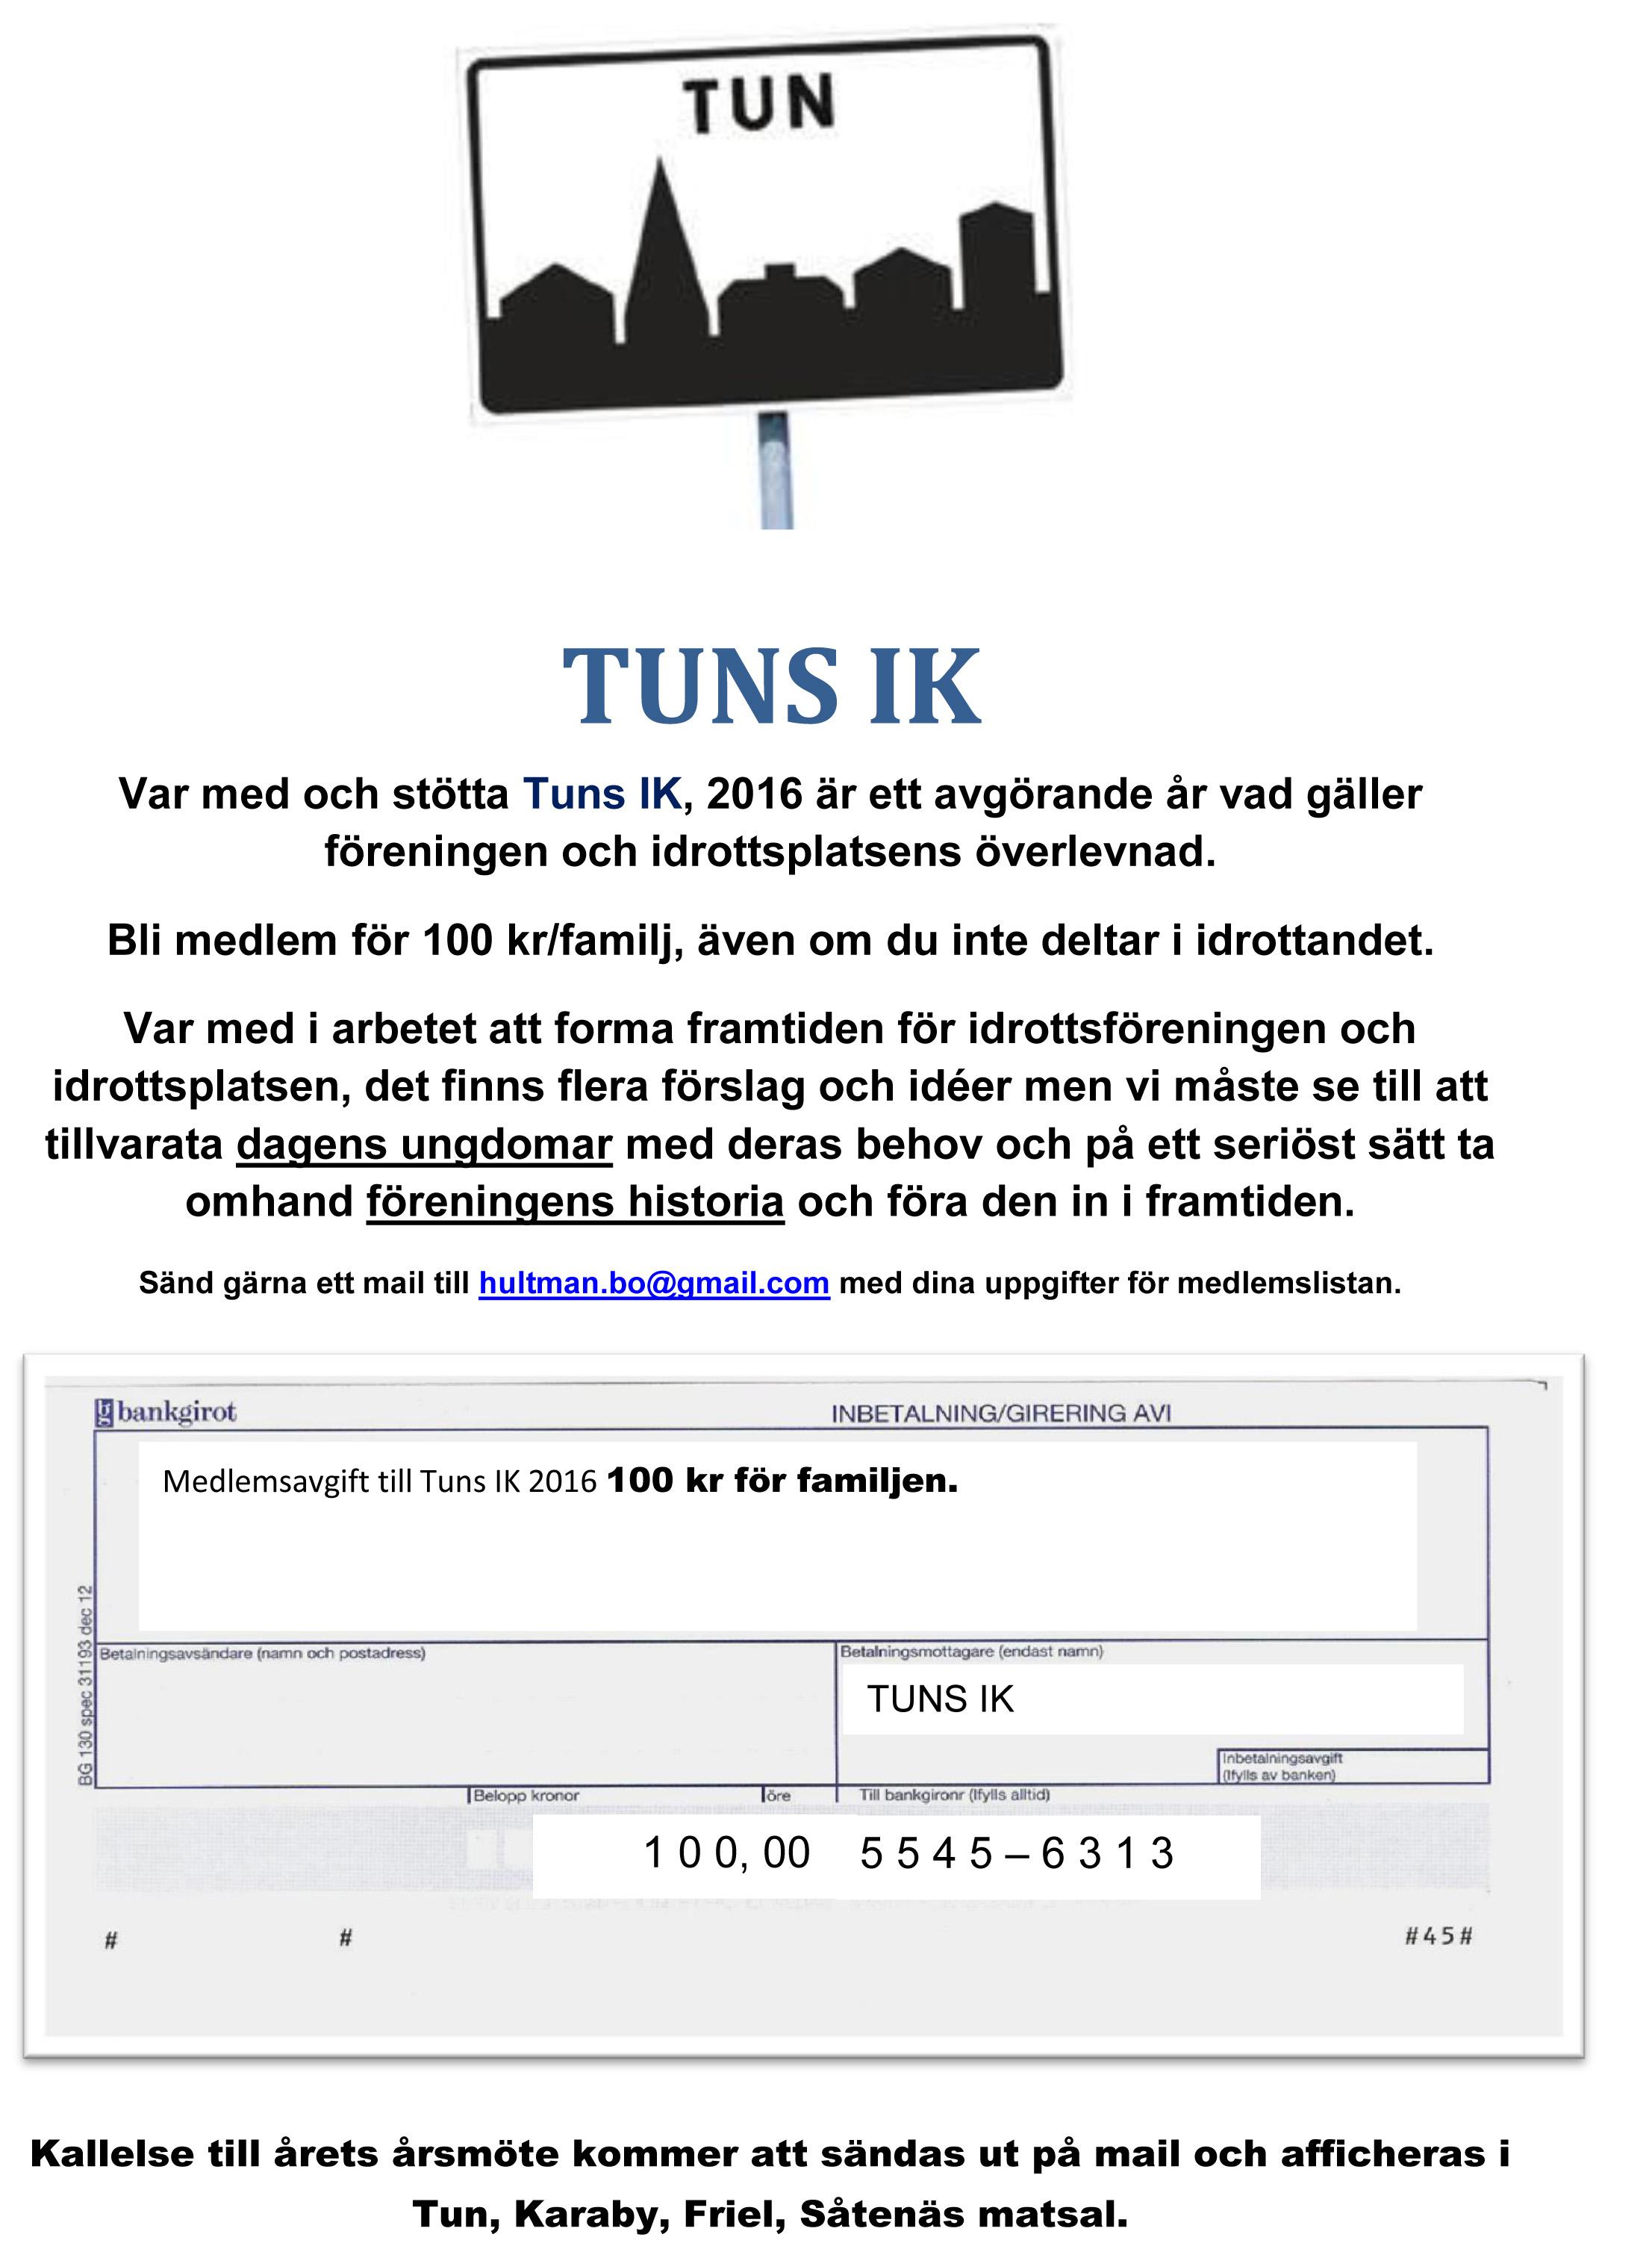 Inbetalning av medlemsavgift TUNS IK 2016-2